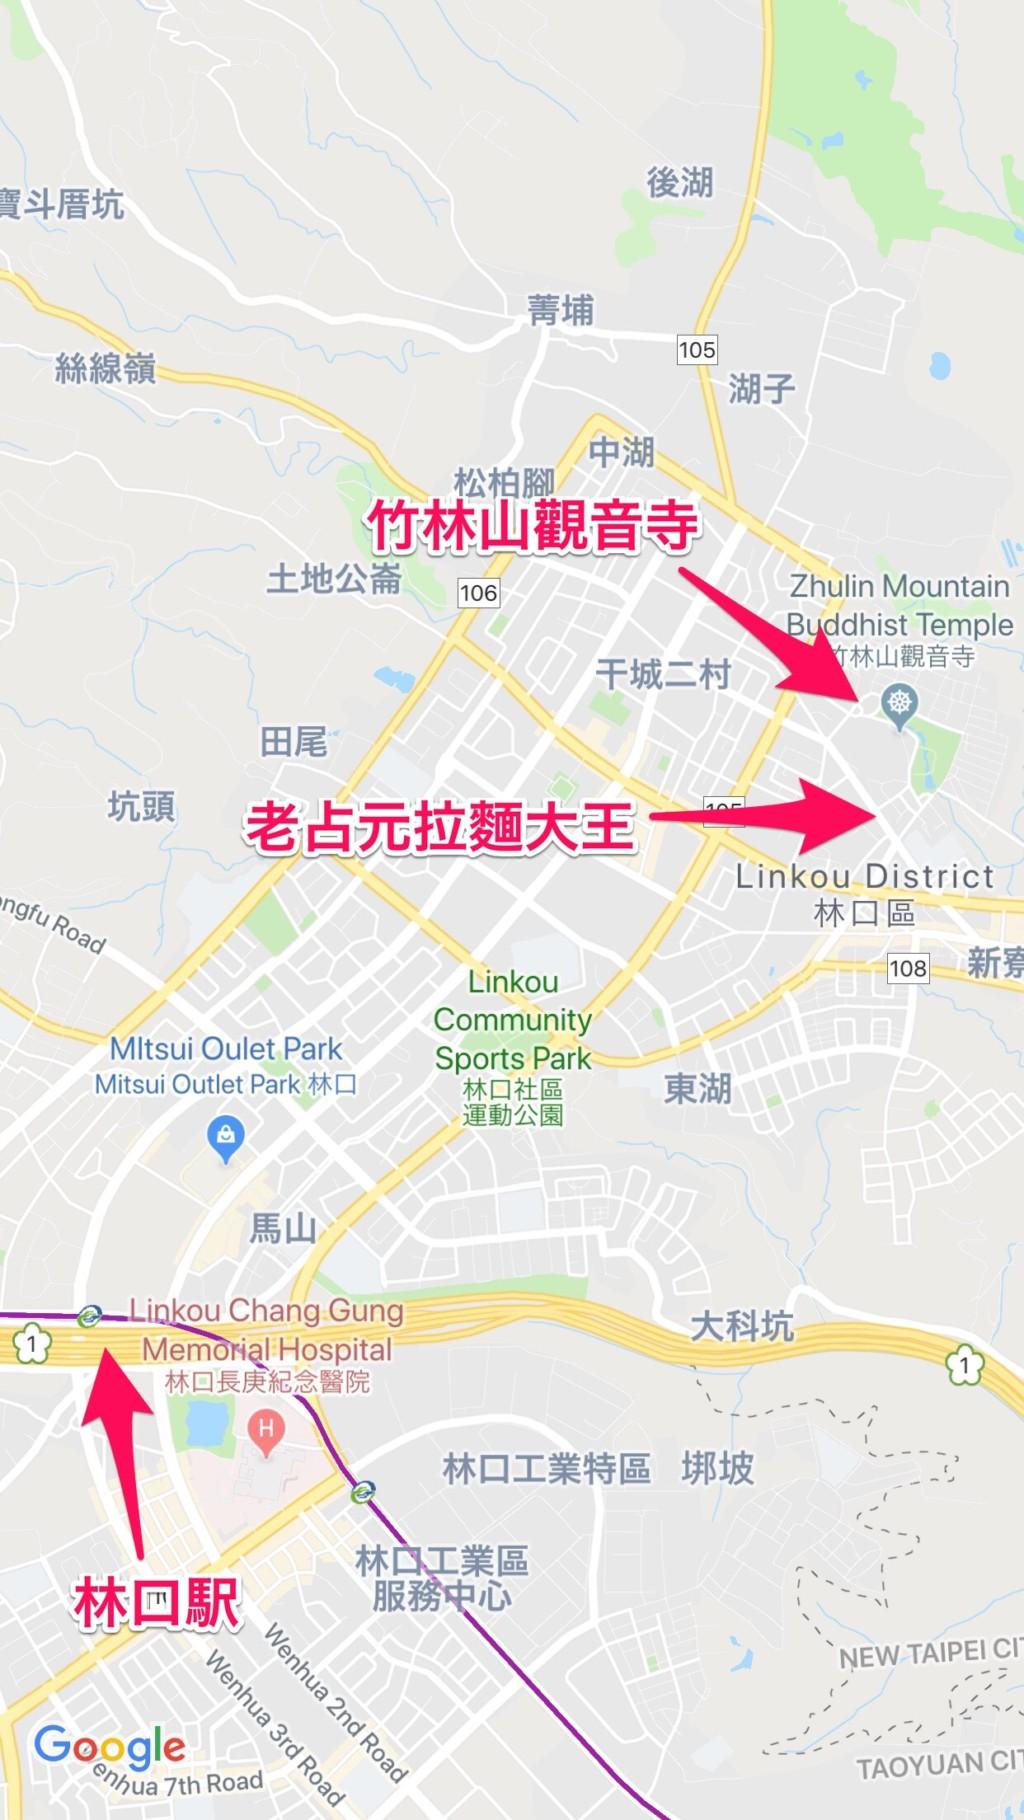 「林口駅」エリアの観光マップ。林口駅から、各スポットへは、バス移動が便利